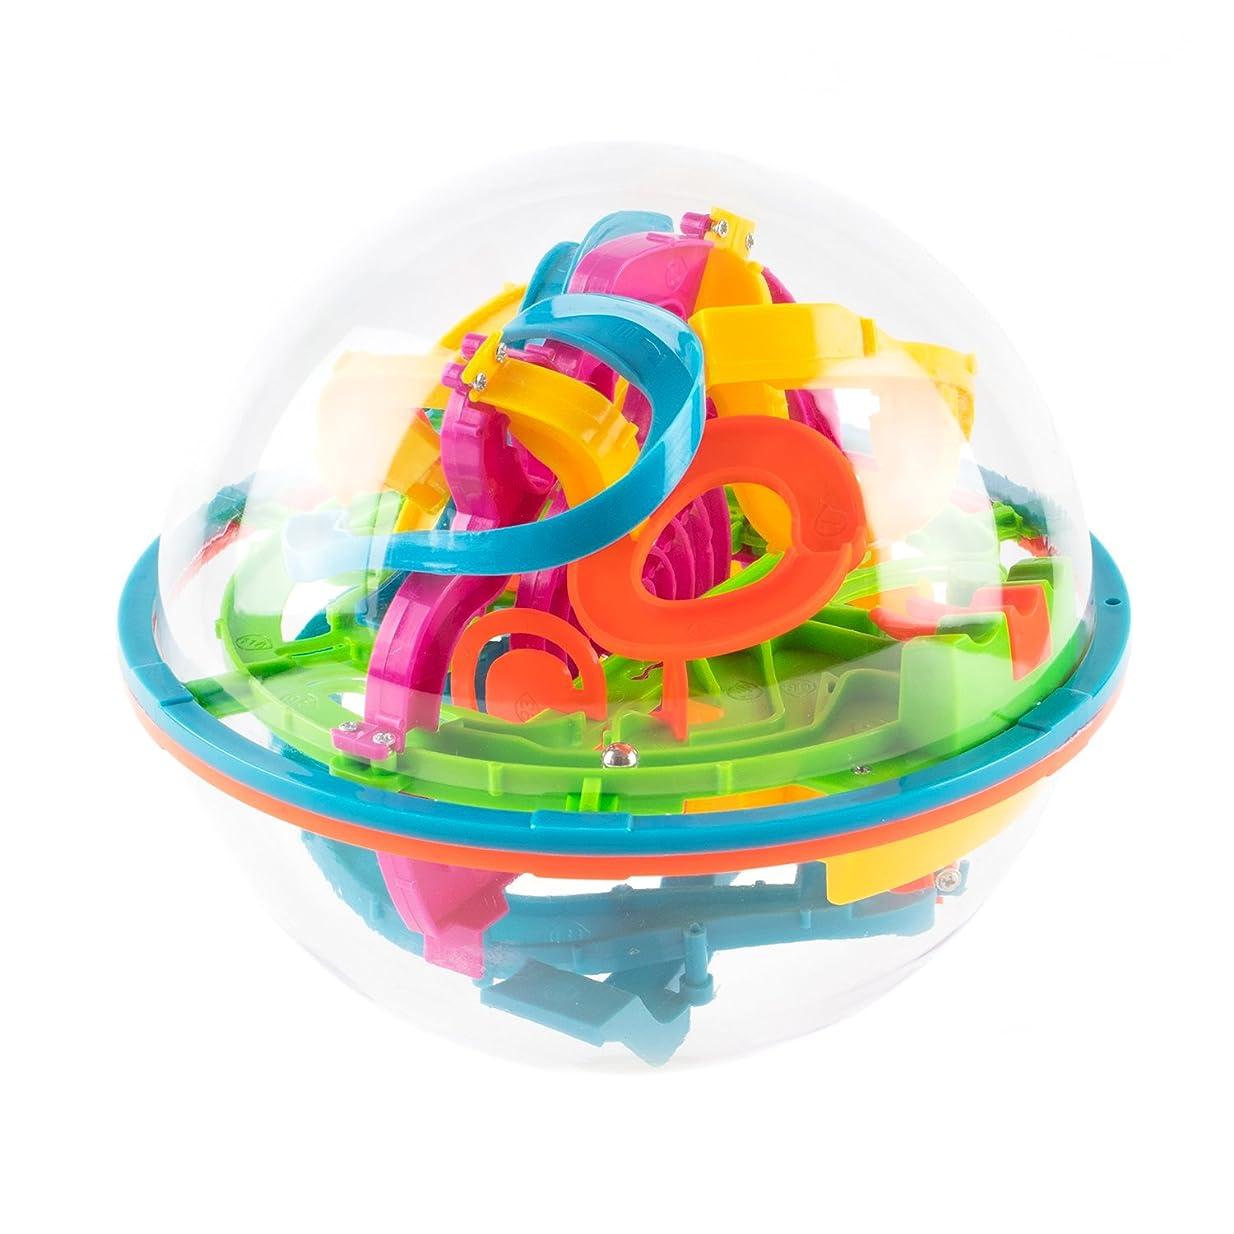 フレキシブルホイストプロテスタントAcogedor クレーンゲームおもちゃ ミニトイキャッチャーマシン 面白い電子人形ゲームのおもちゃ 子供の知性と創造性を刺激できる USBケーブルとゲームコインを付き